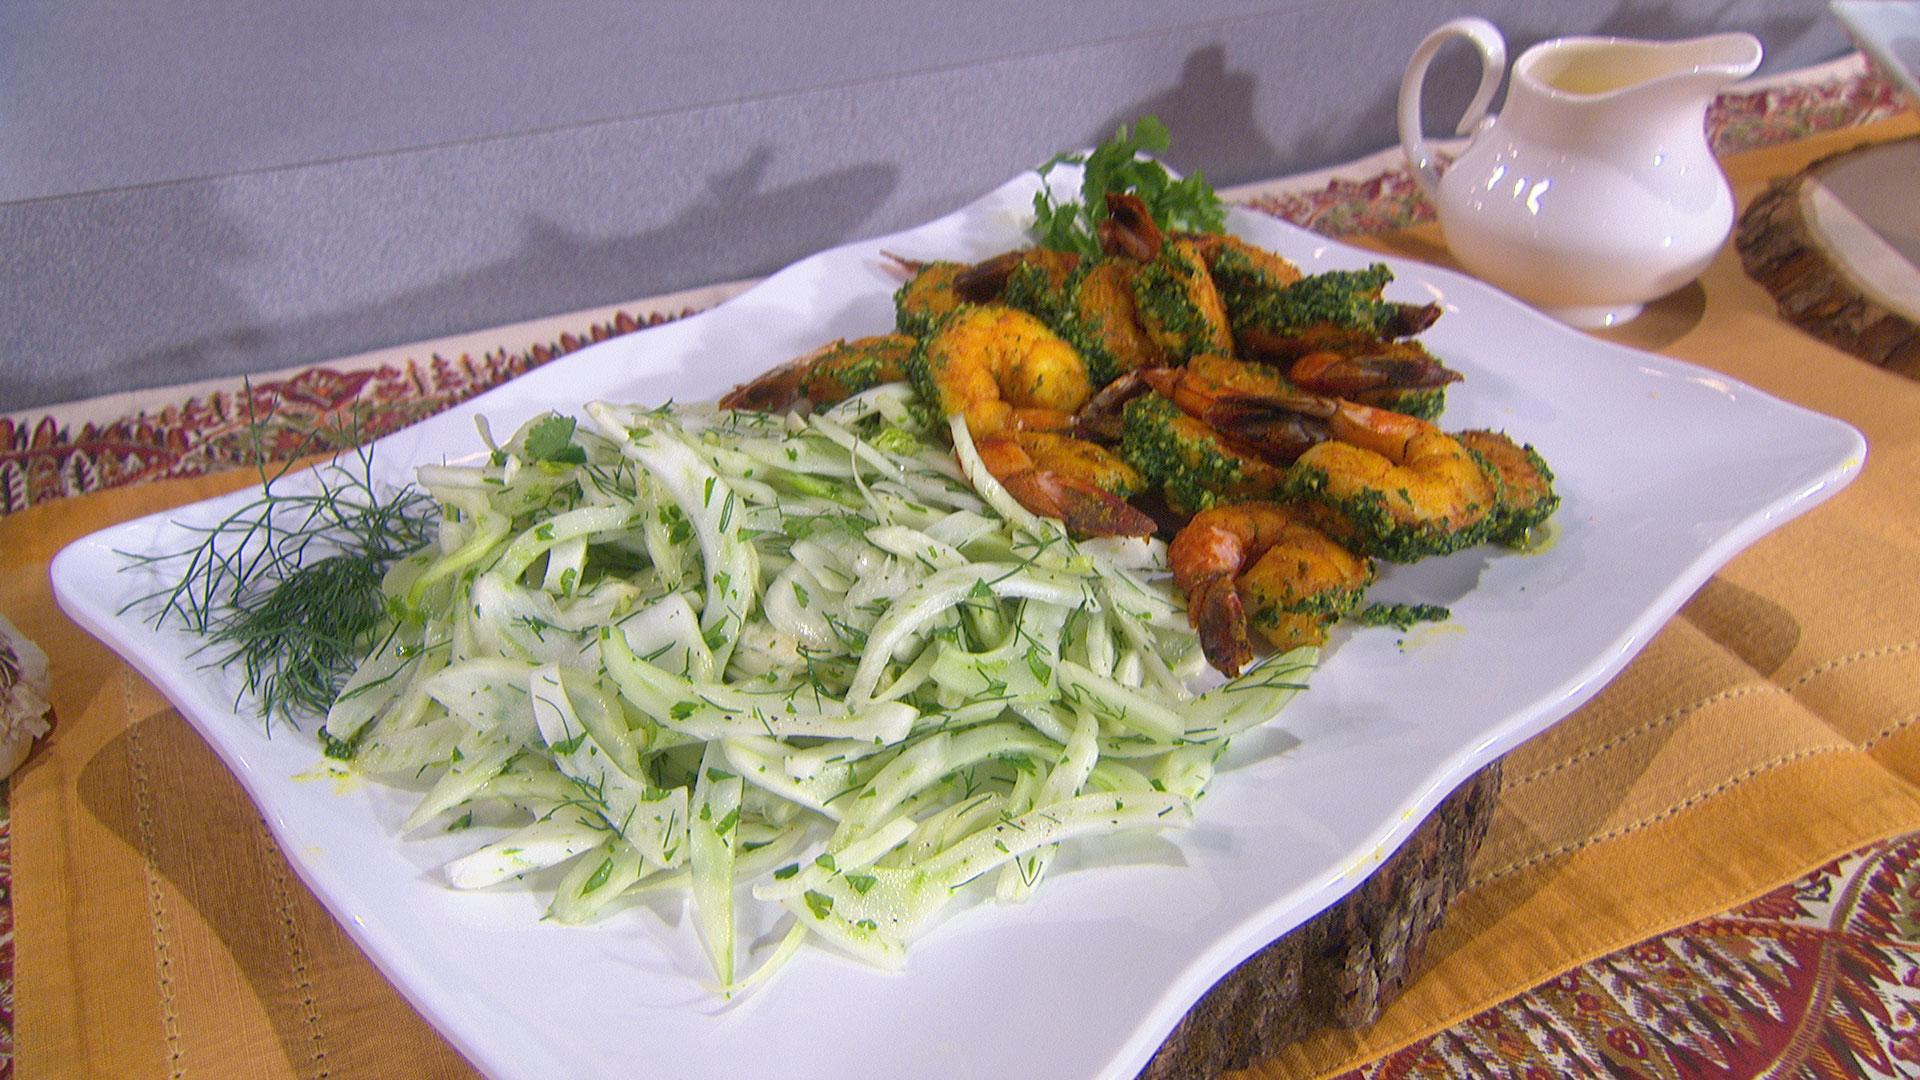 Aarti Sequeira Recipes Food Tv aarti sequeira recipes